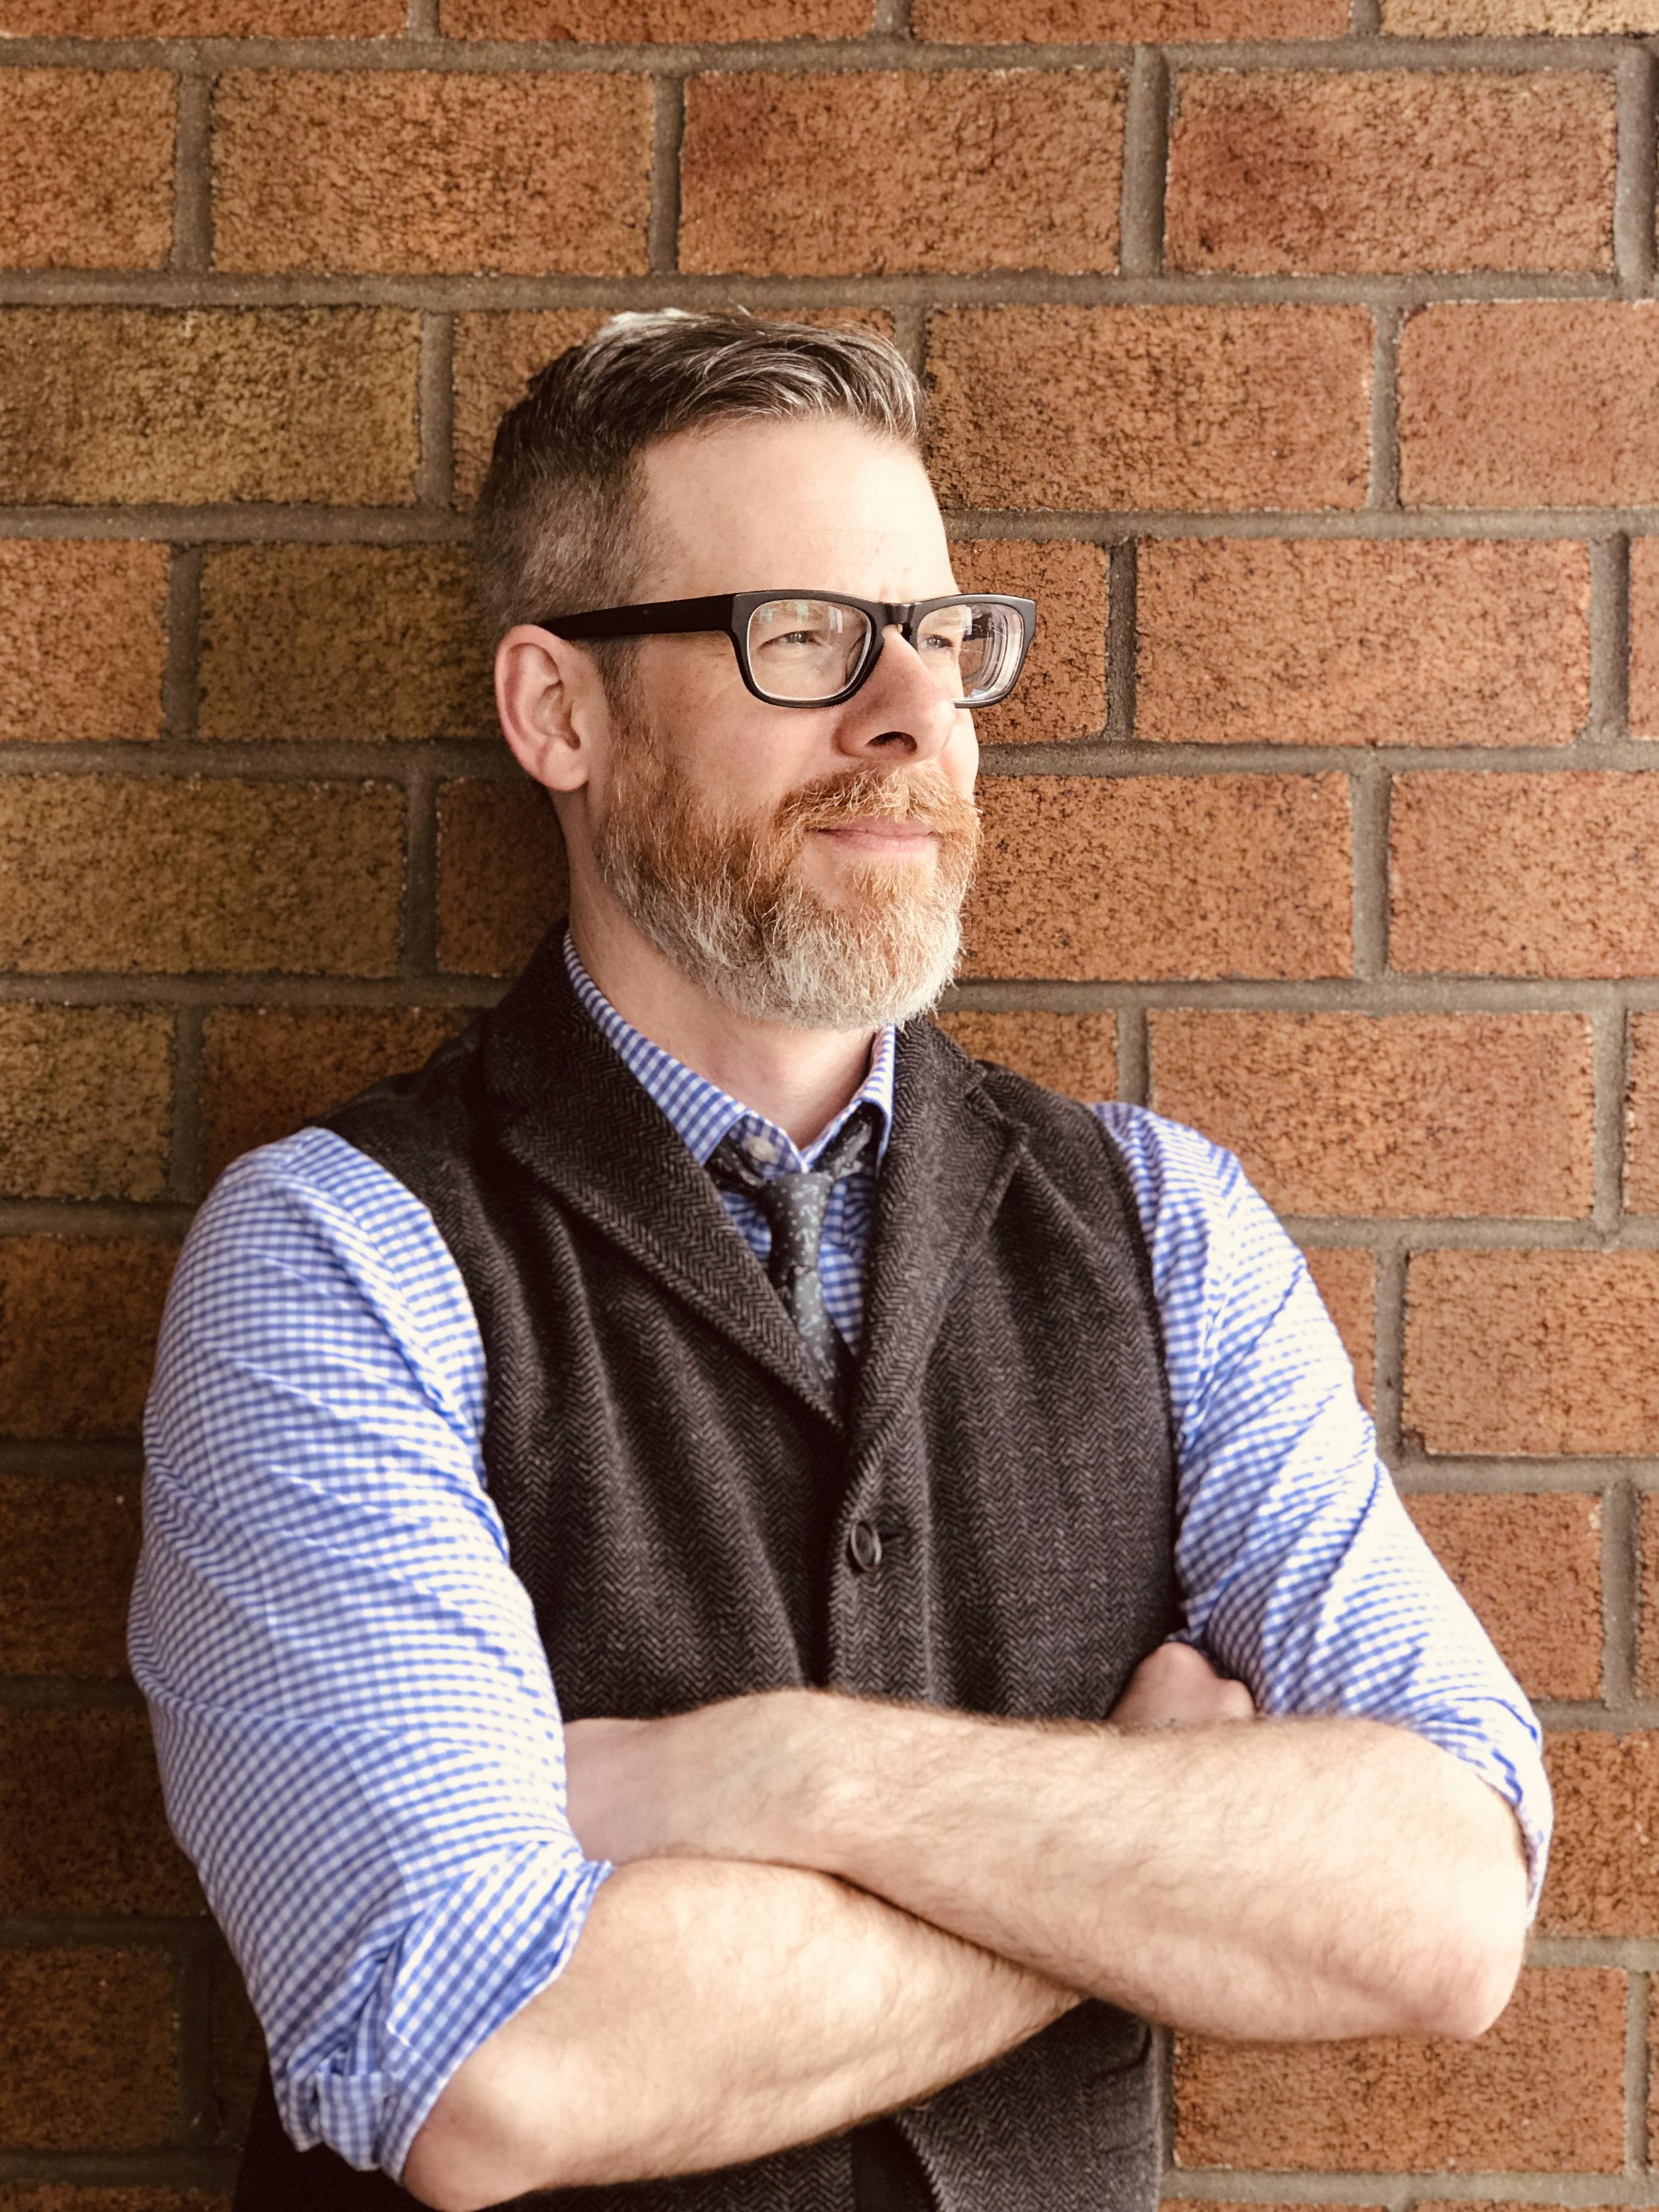 Cody_Author Pic.jpg